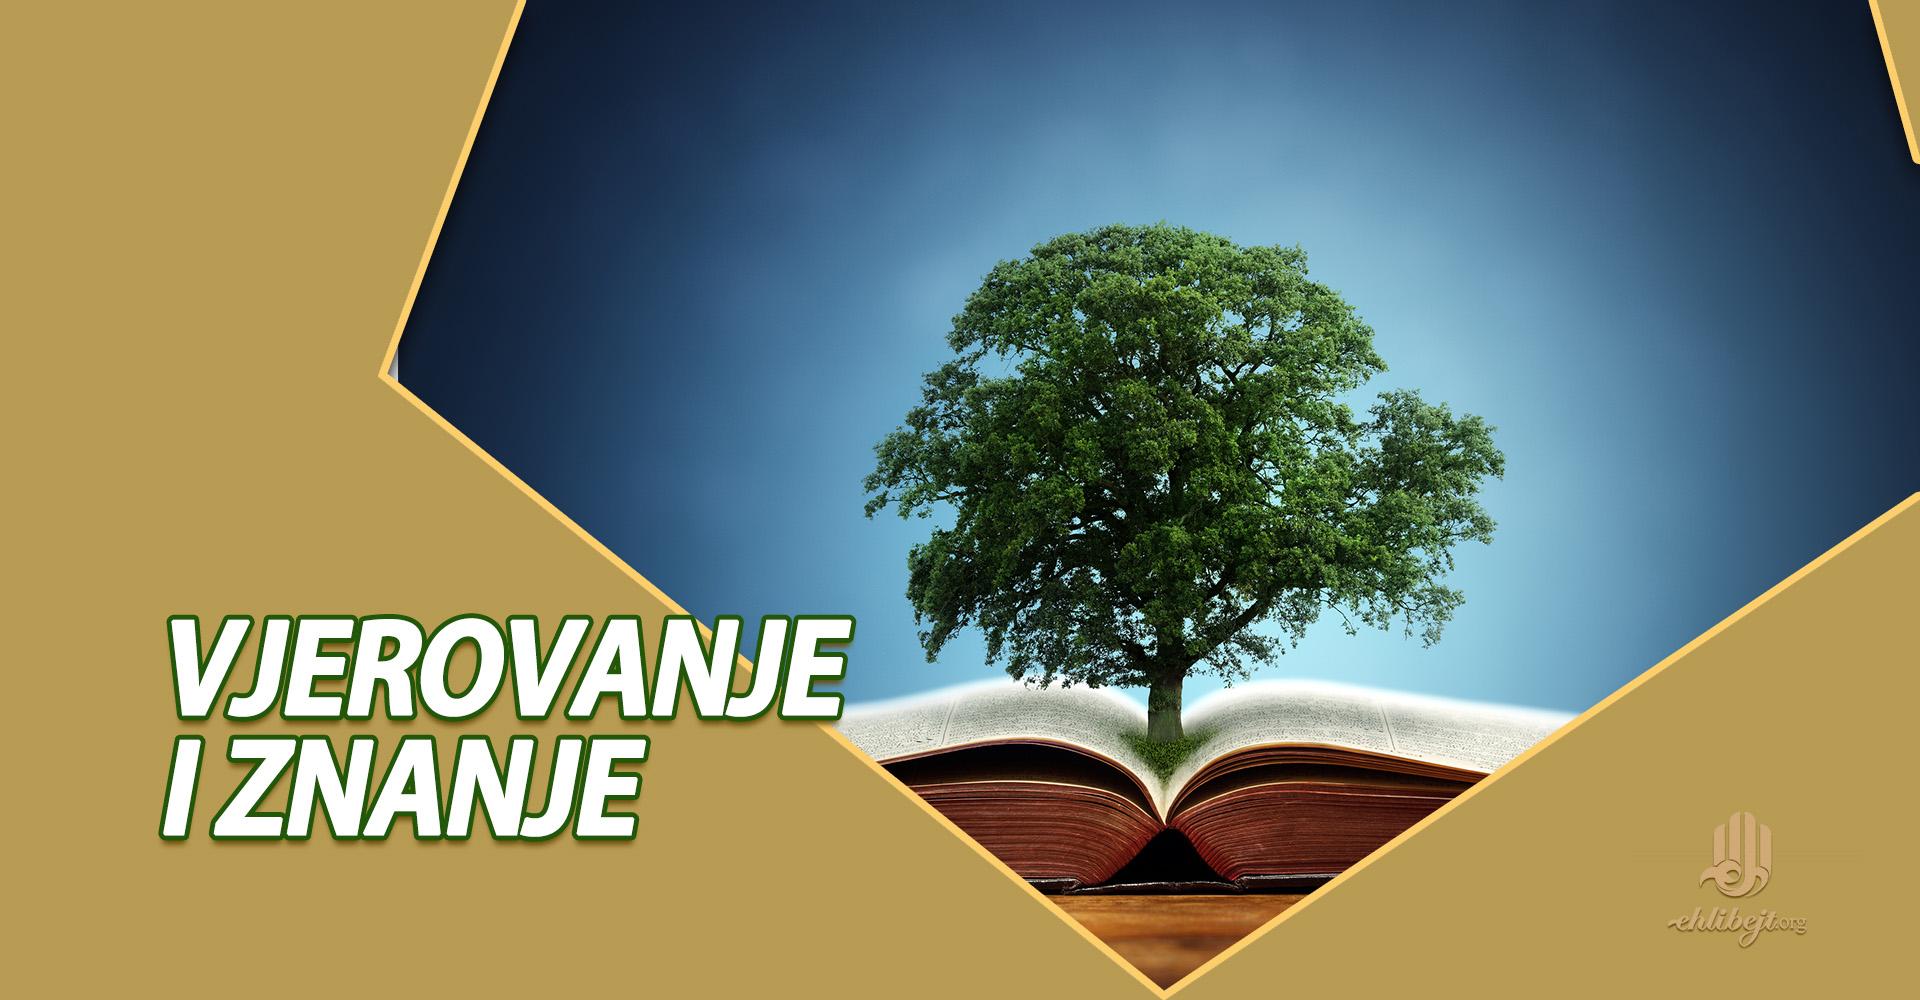 Vjerovanje i znanje